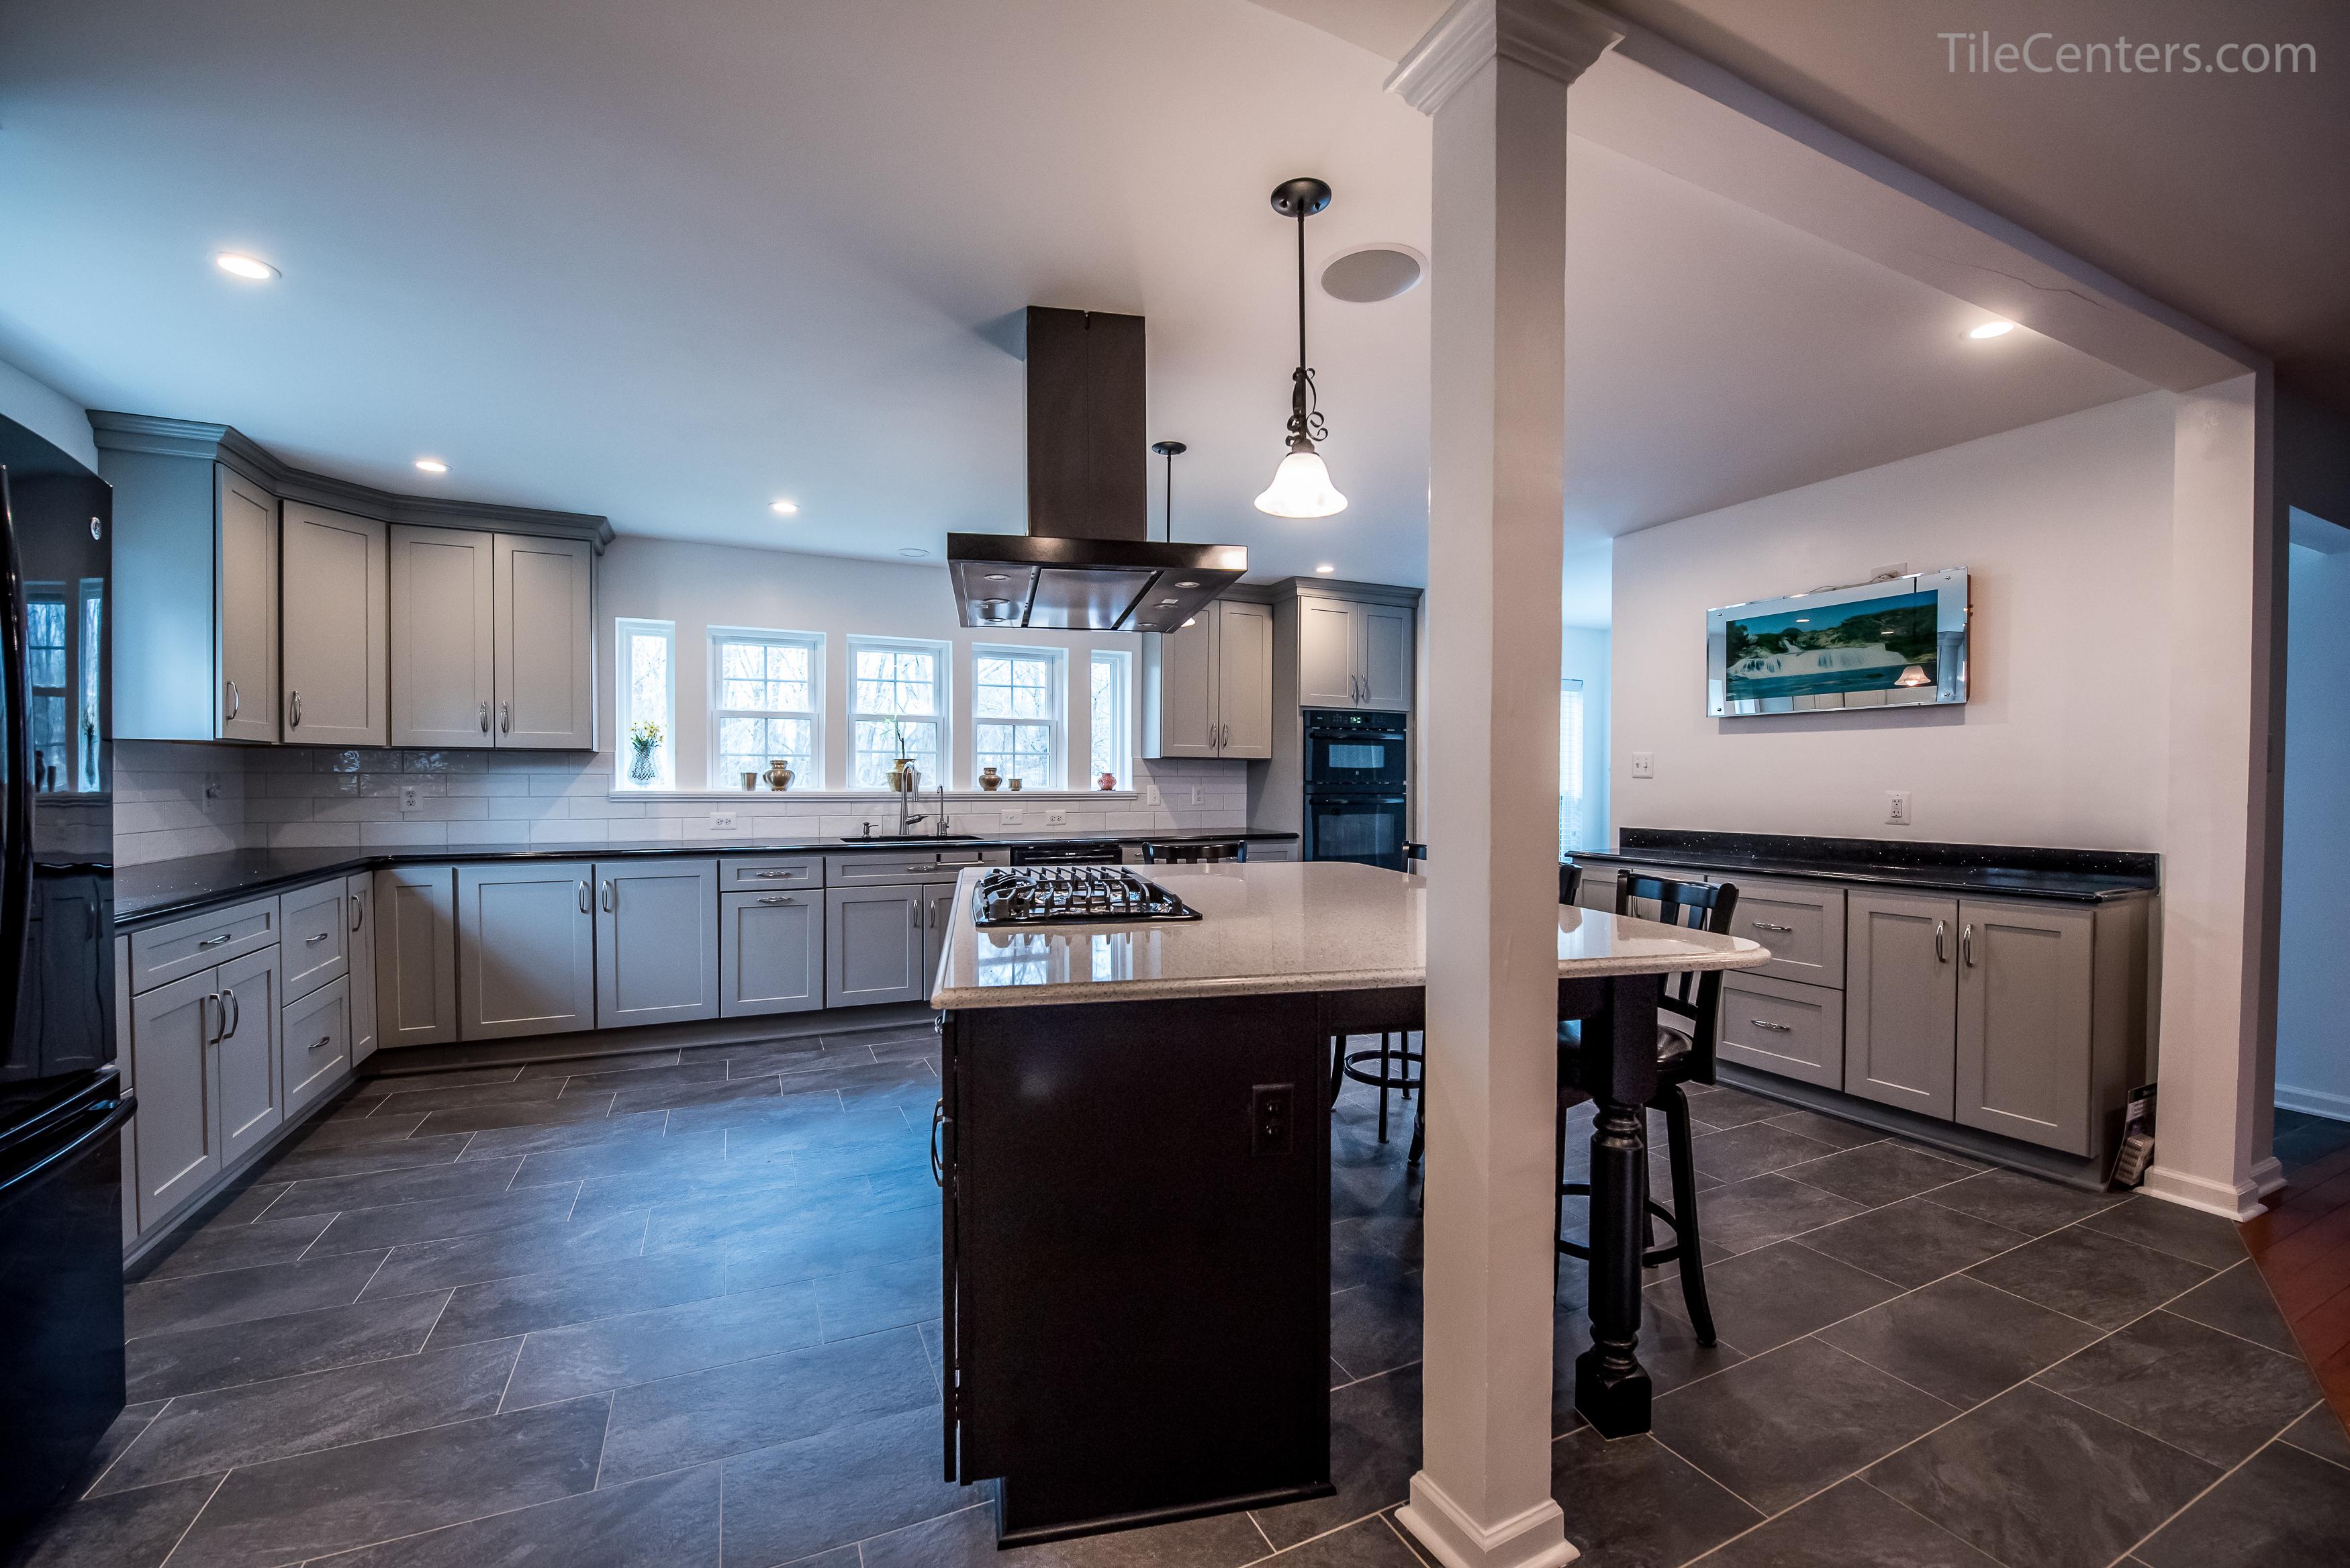 Kitchen Remodel - Argus Ct, Gaithersburg, MD 20879